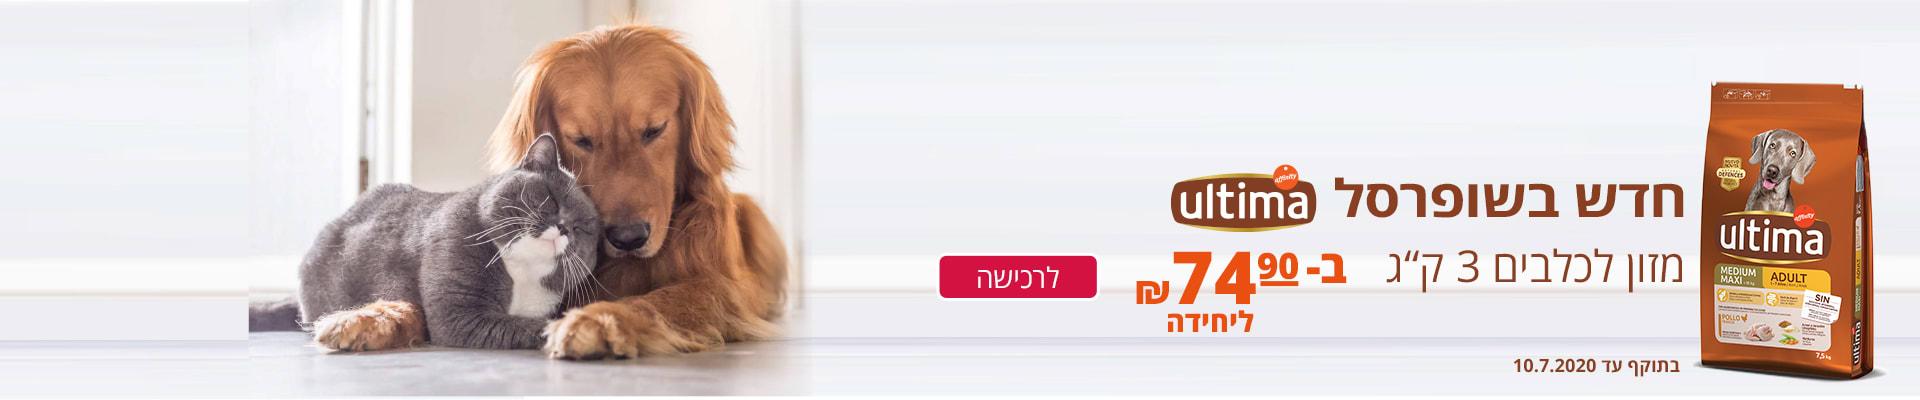 """חדש בשופרסל אולטימה, מזון לכלבים 3 ק""""ג ב- 74.90 ₪ ליחידה. בתוקף עד 10.7.2020"""